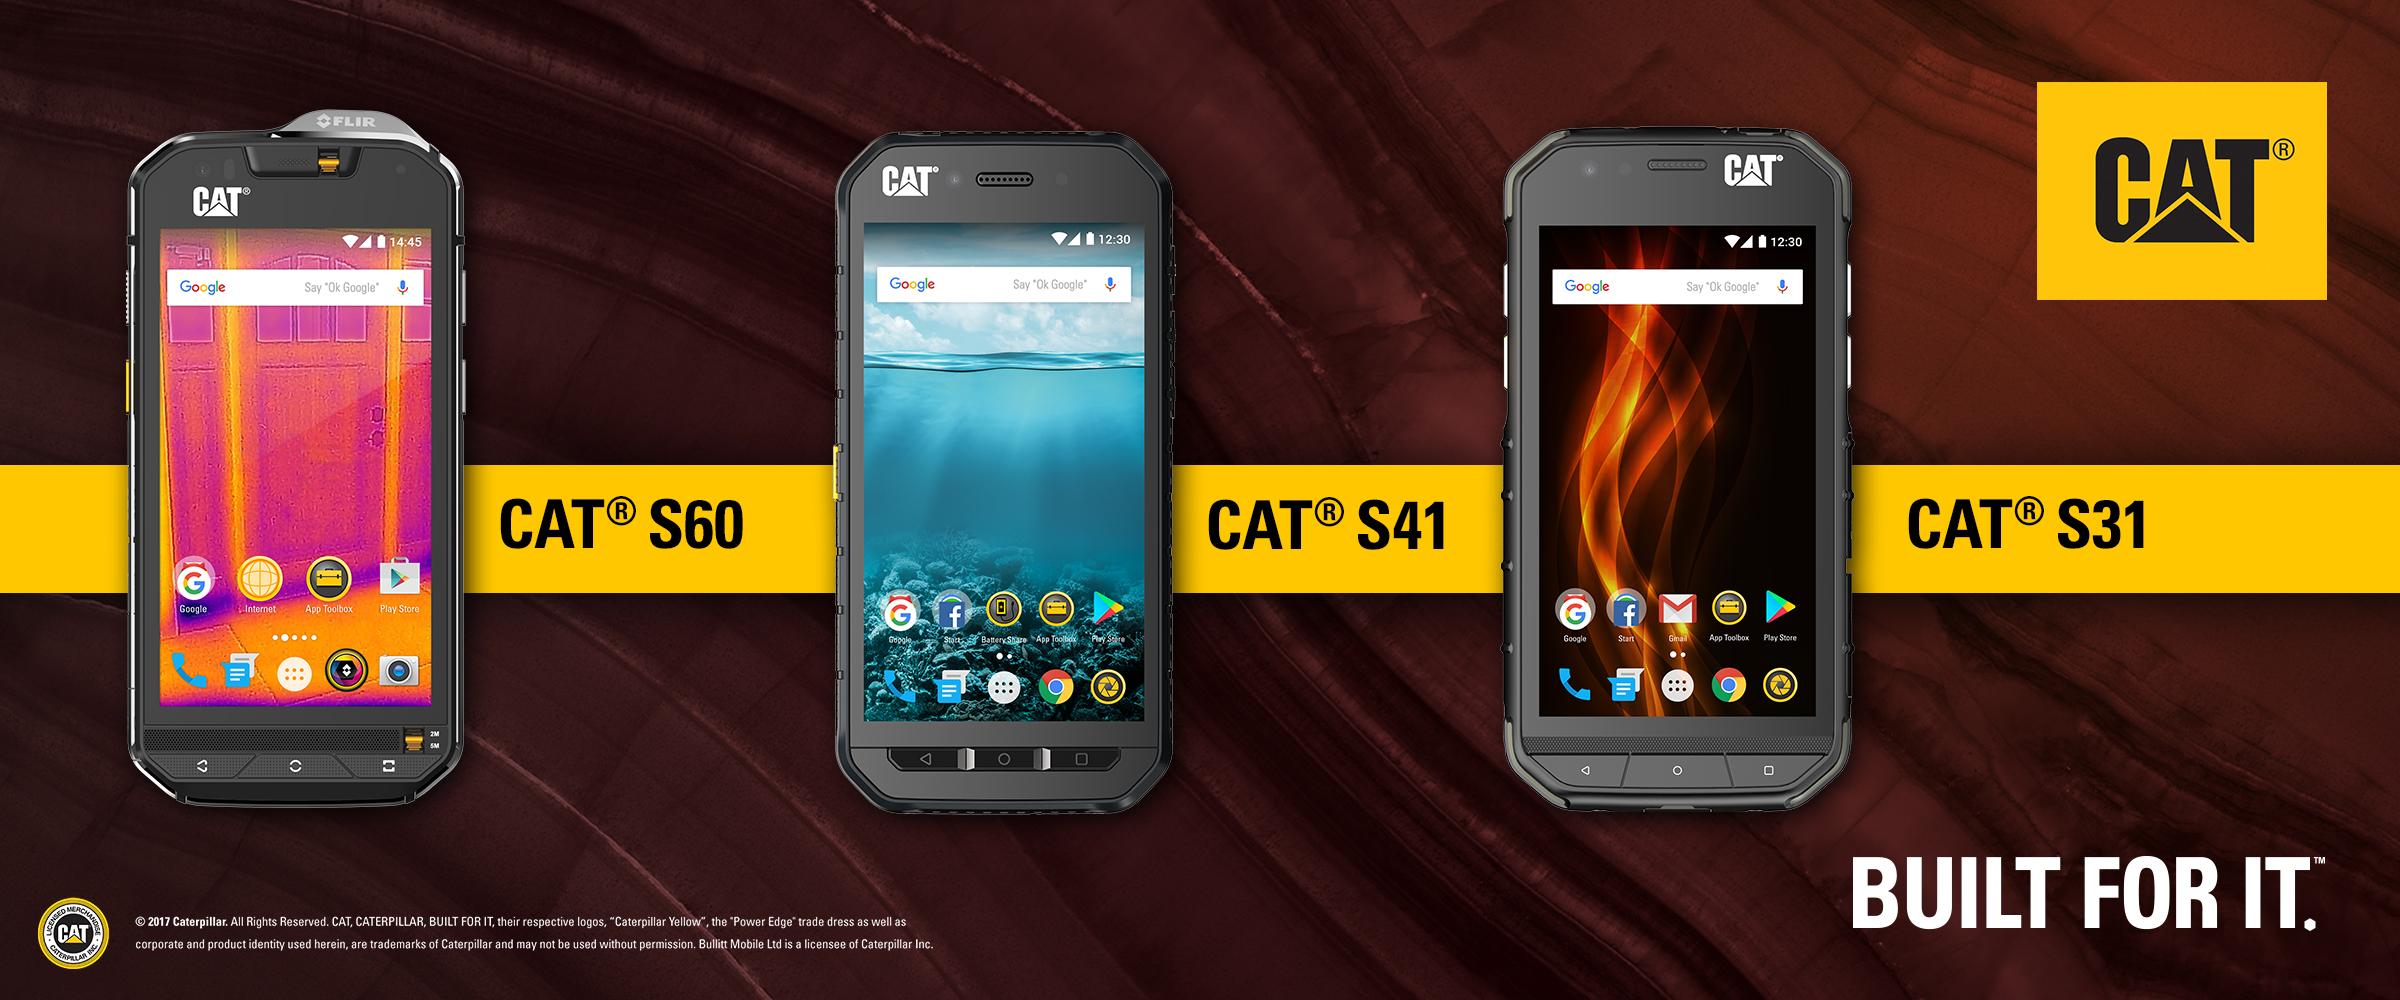 Cat® phones